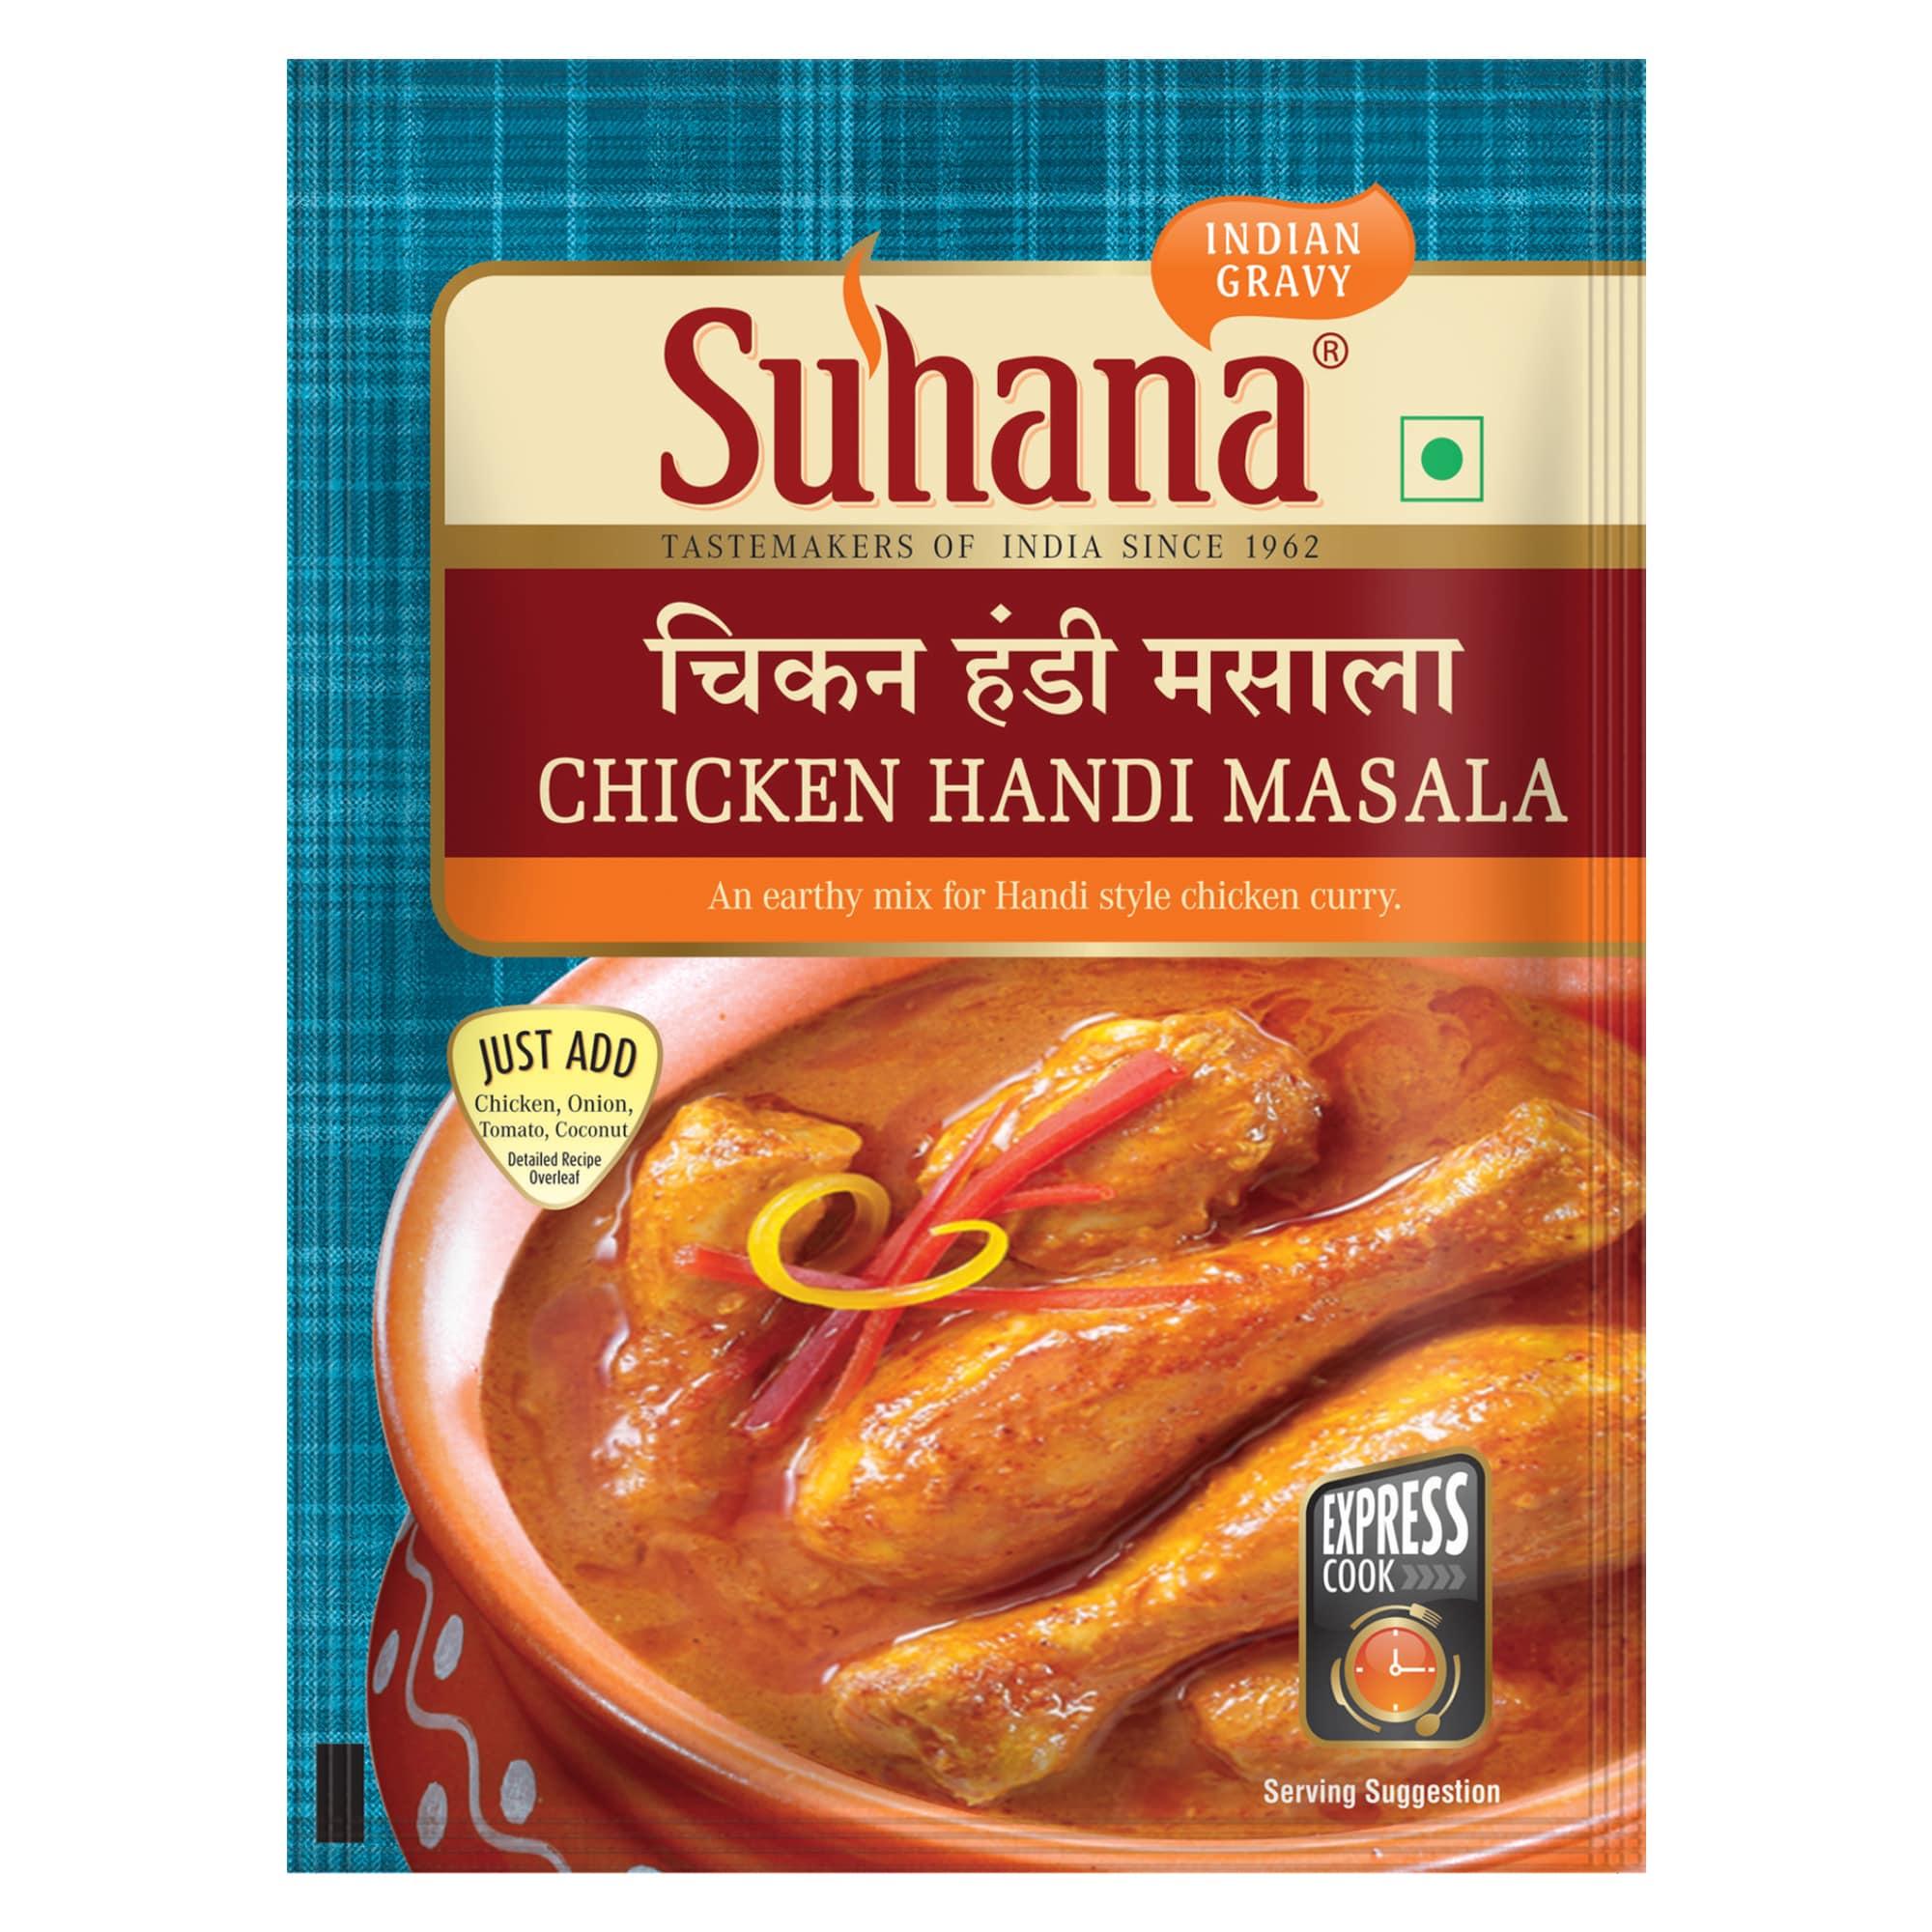 Suhana Chicken Handi Spice Mix 50g Pouch